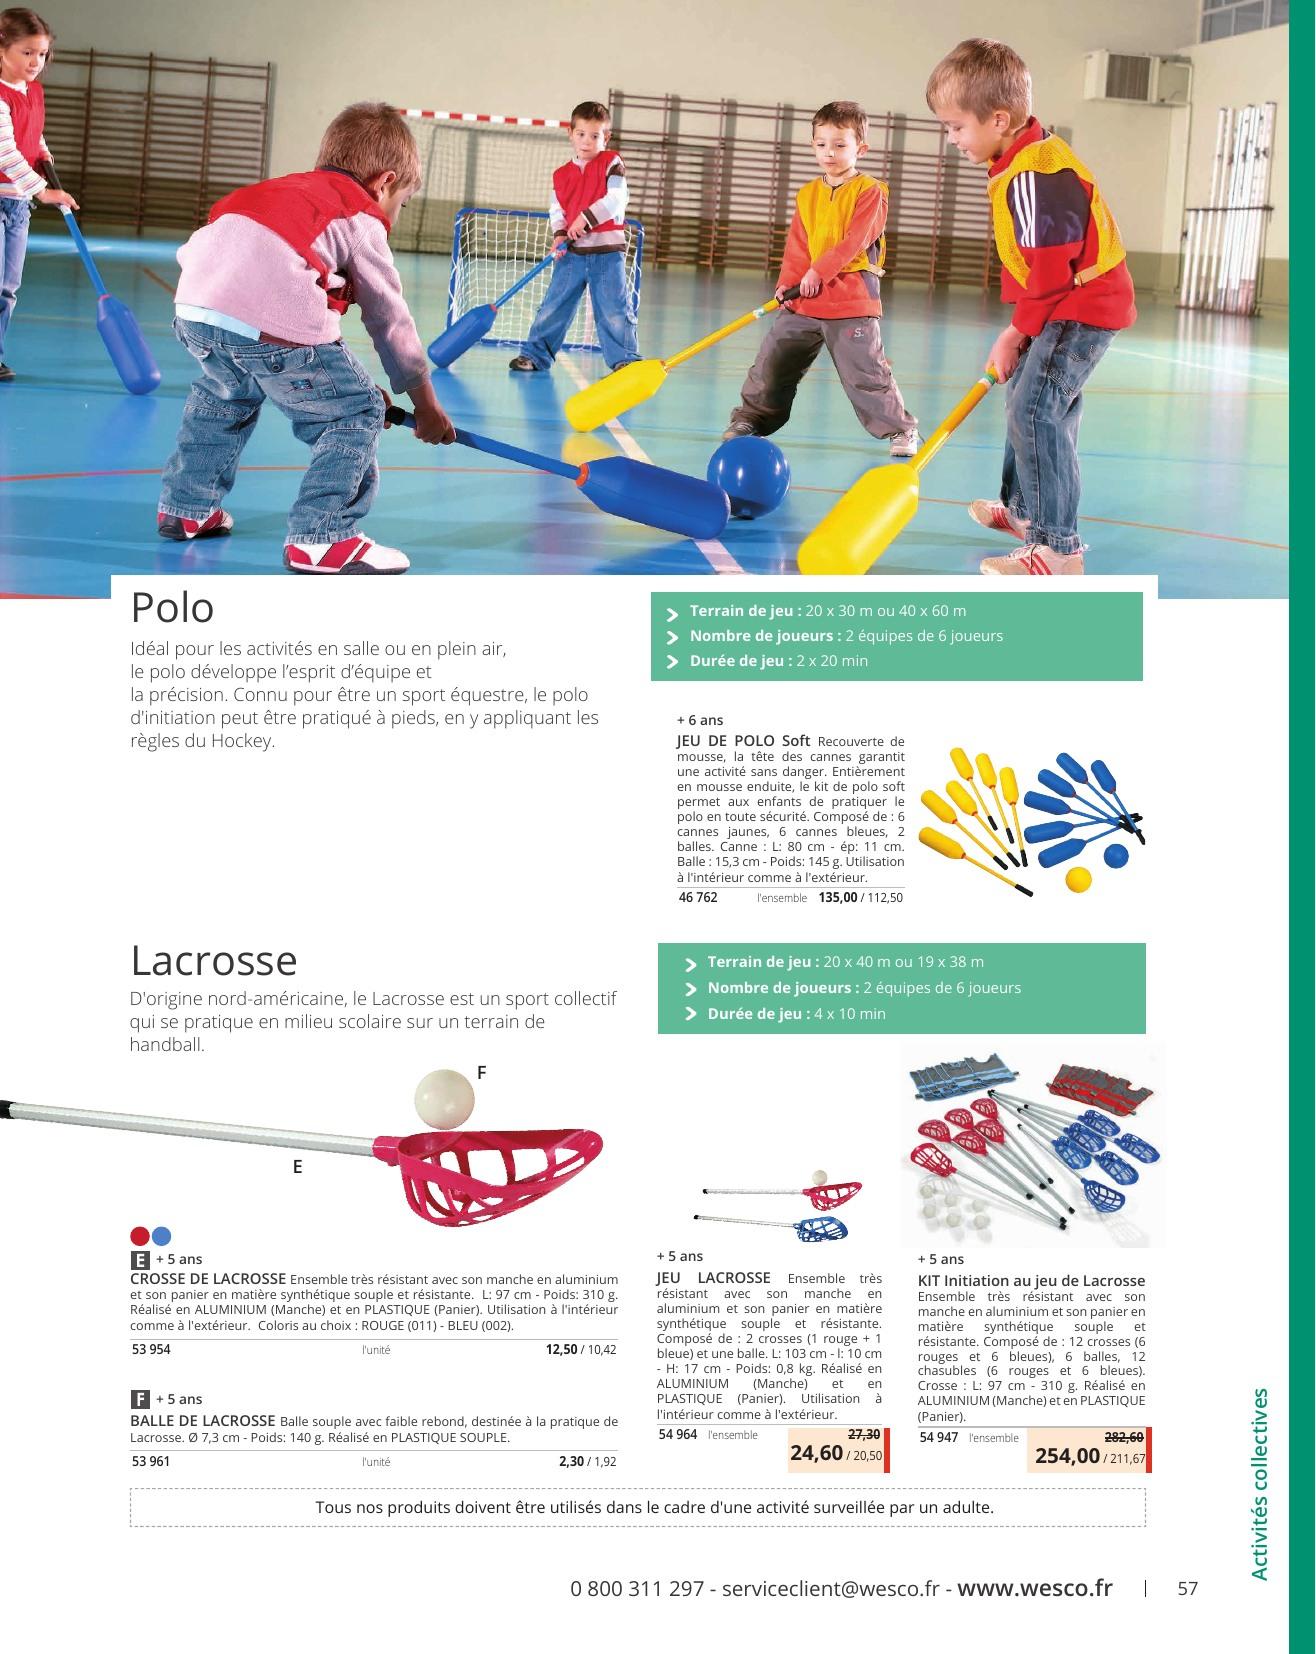 Wesco - Tout L'équipement Sportif Pour Les 3-12 Ans concernant Jeux Sportifs 6 12 Ans